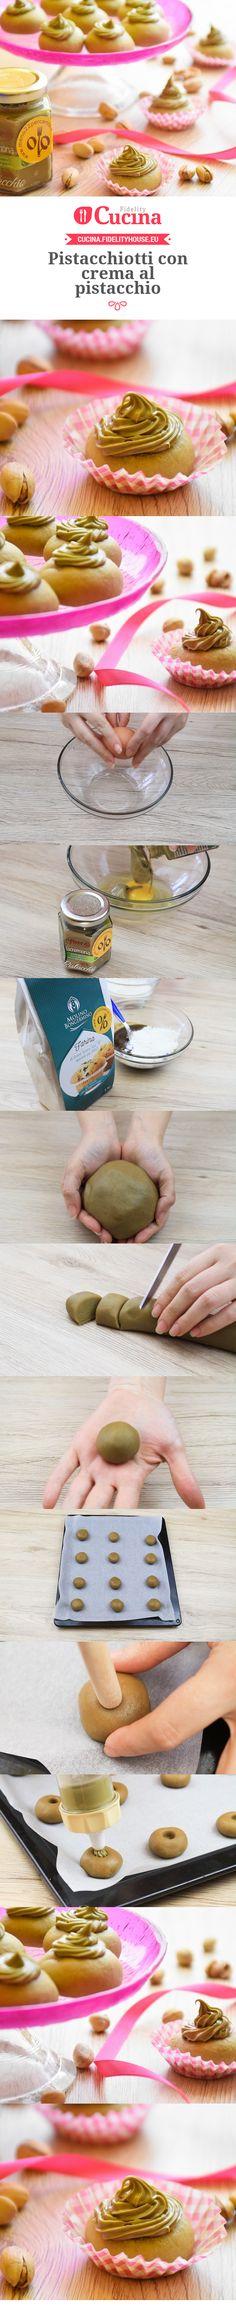 Pistacchiotti con crema al pistacchio